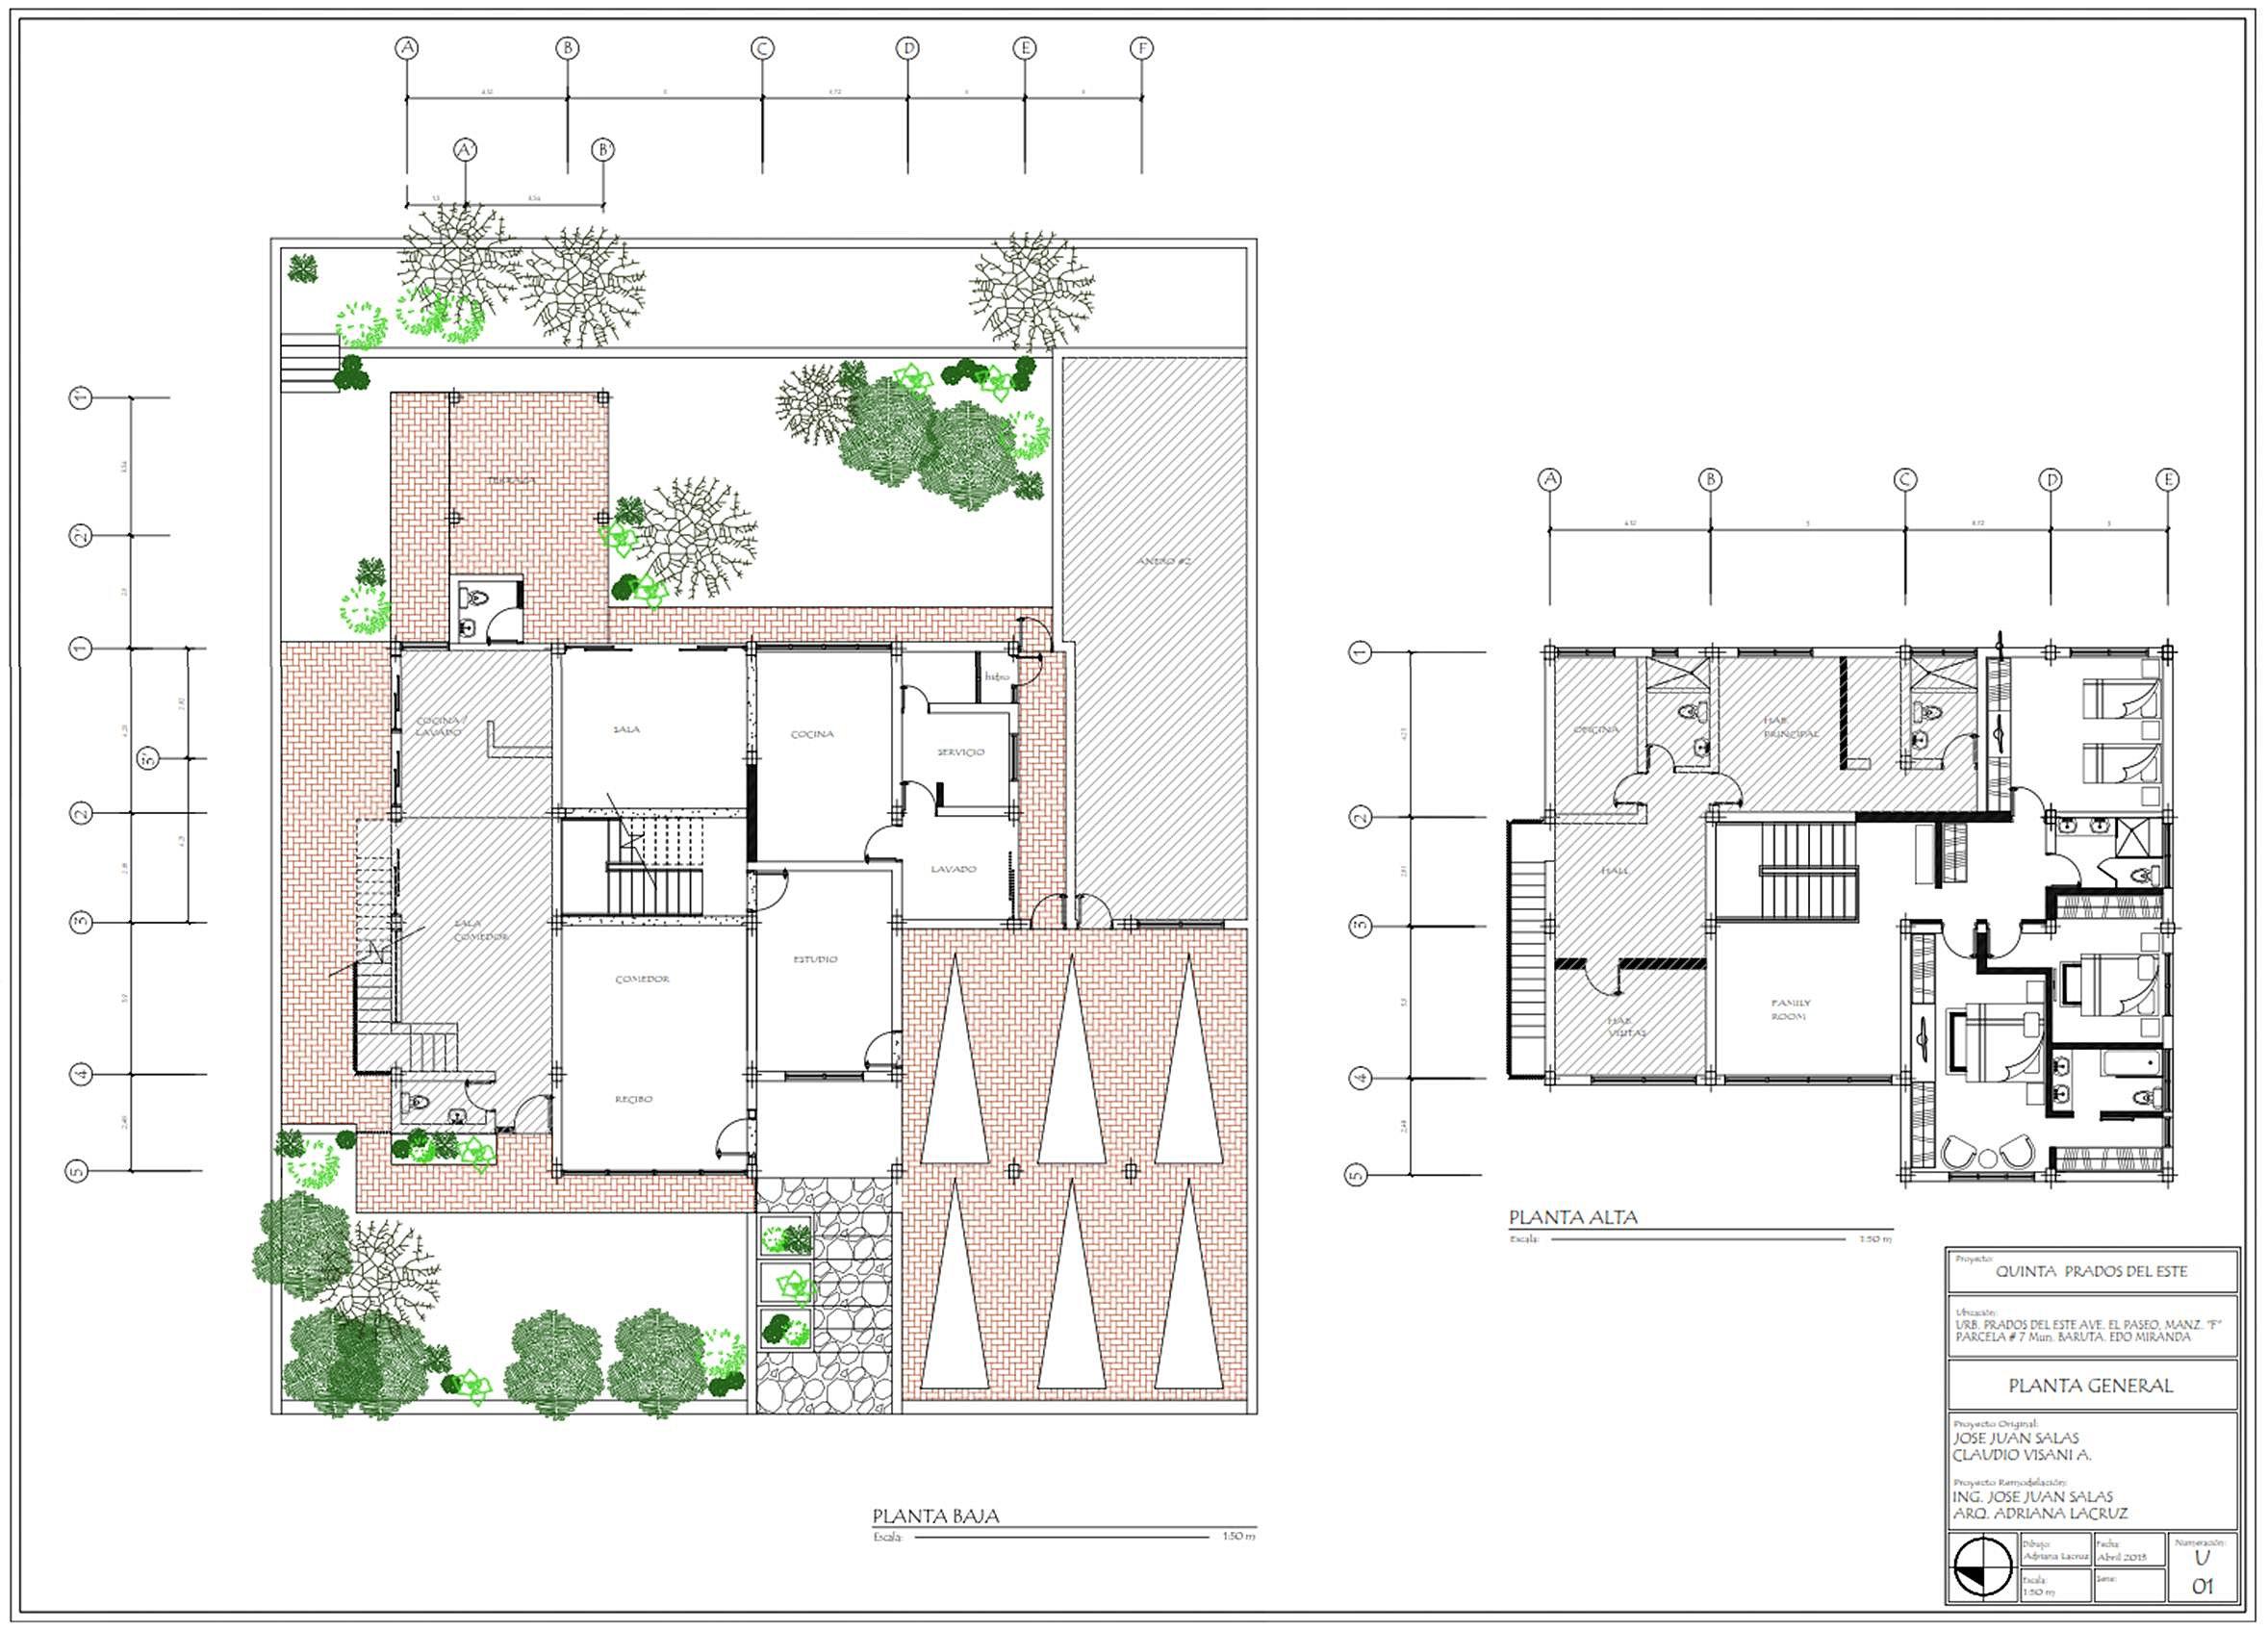 Al arquitectura remodelacion y dise o interior planos for Arquitectura planos y disenos